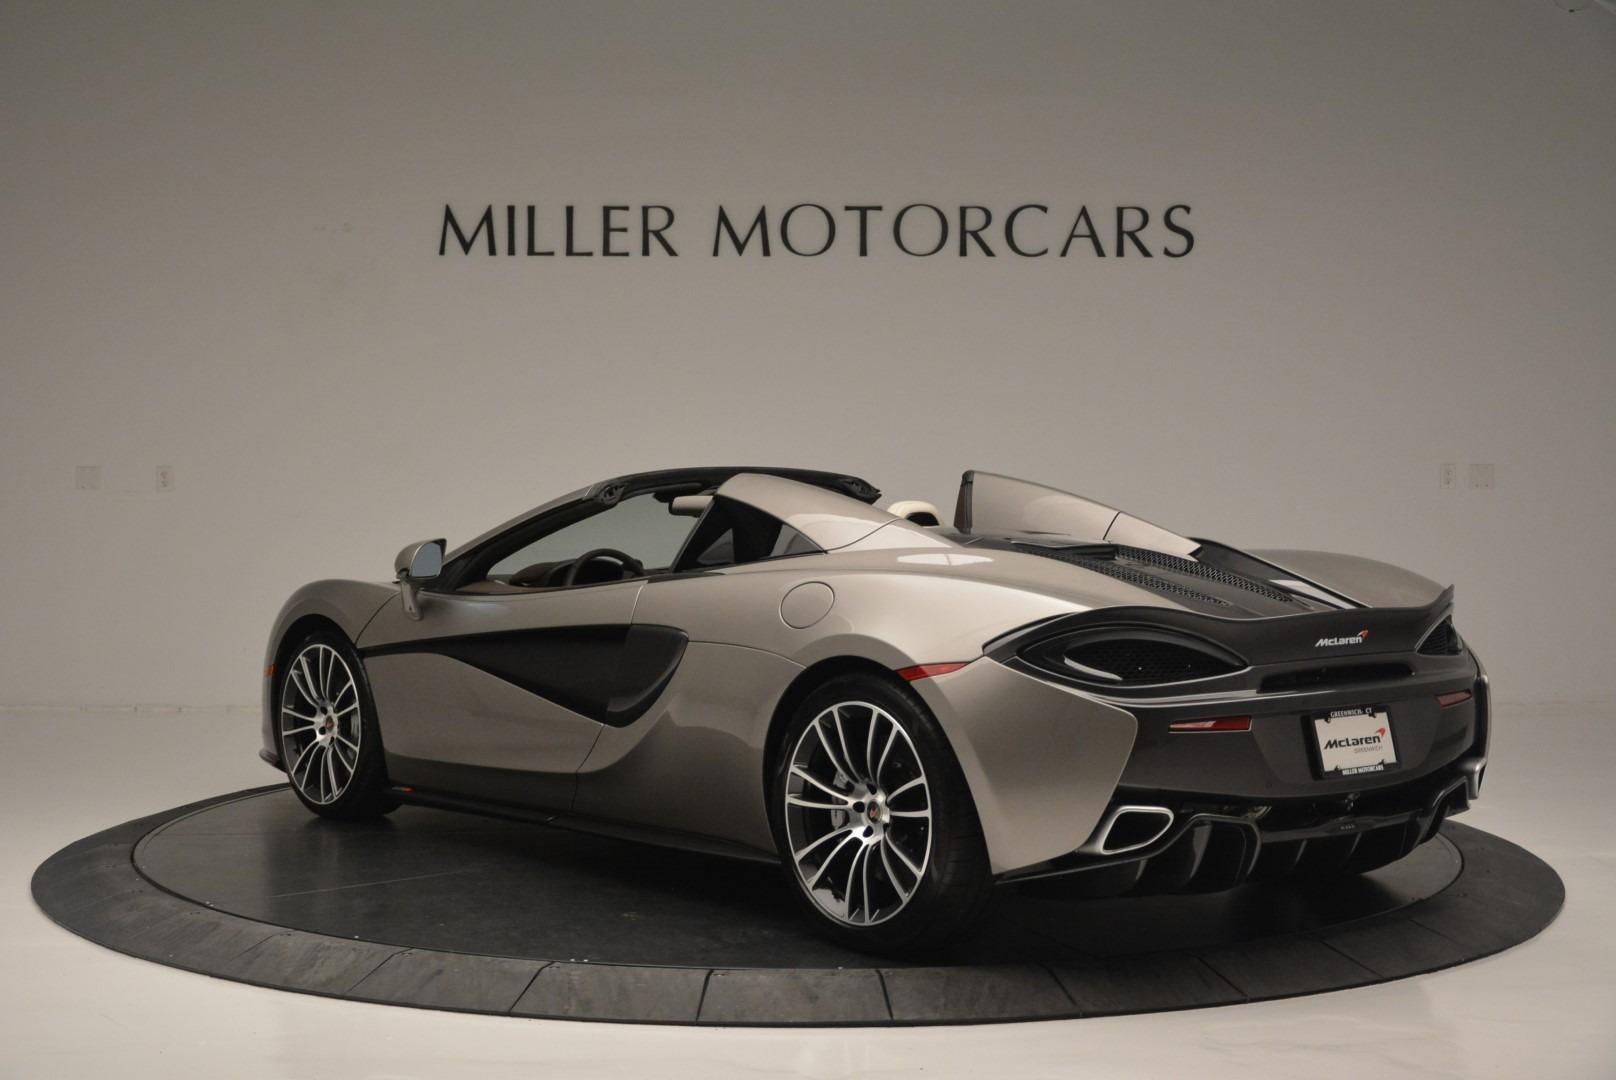 New 2018 McLaren 570S Spider For Sale In Westport, CT 2387_p5